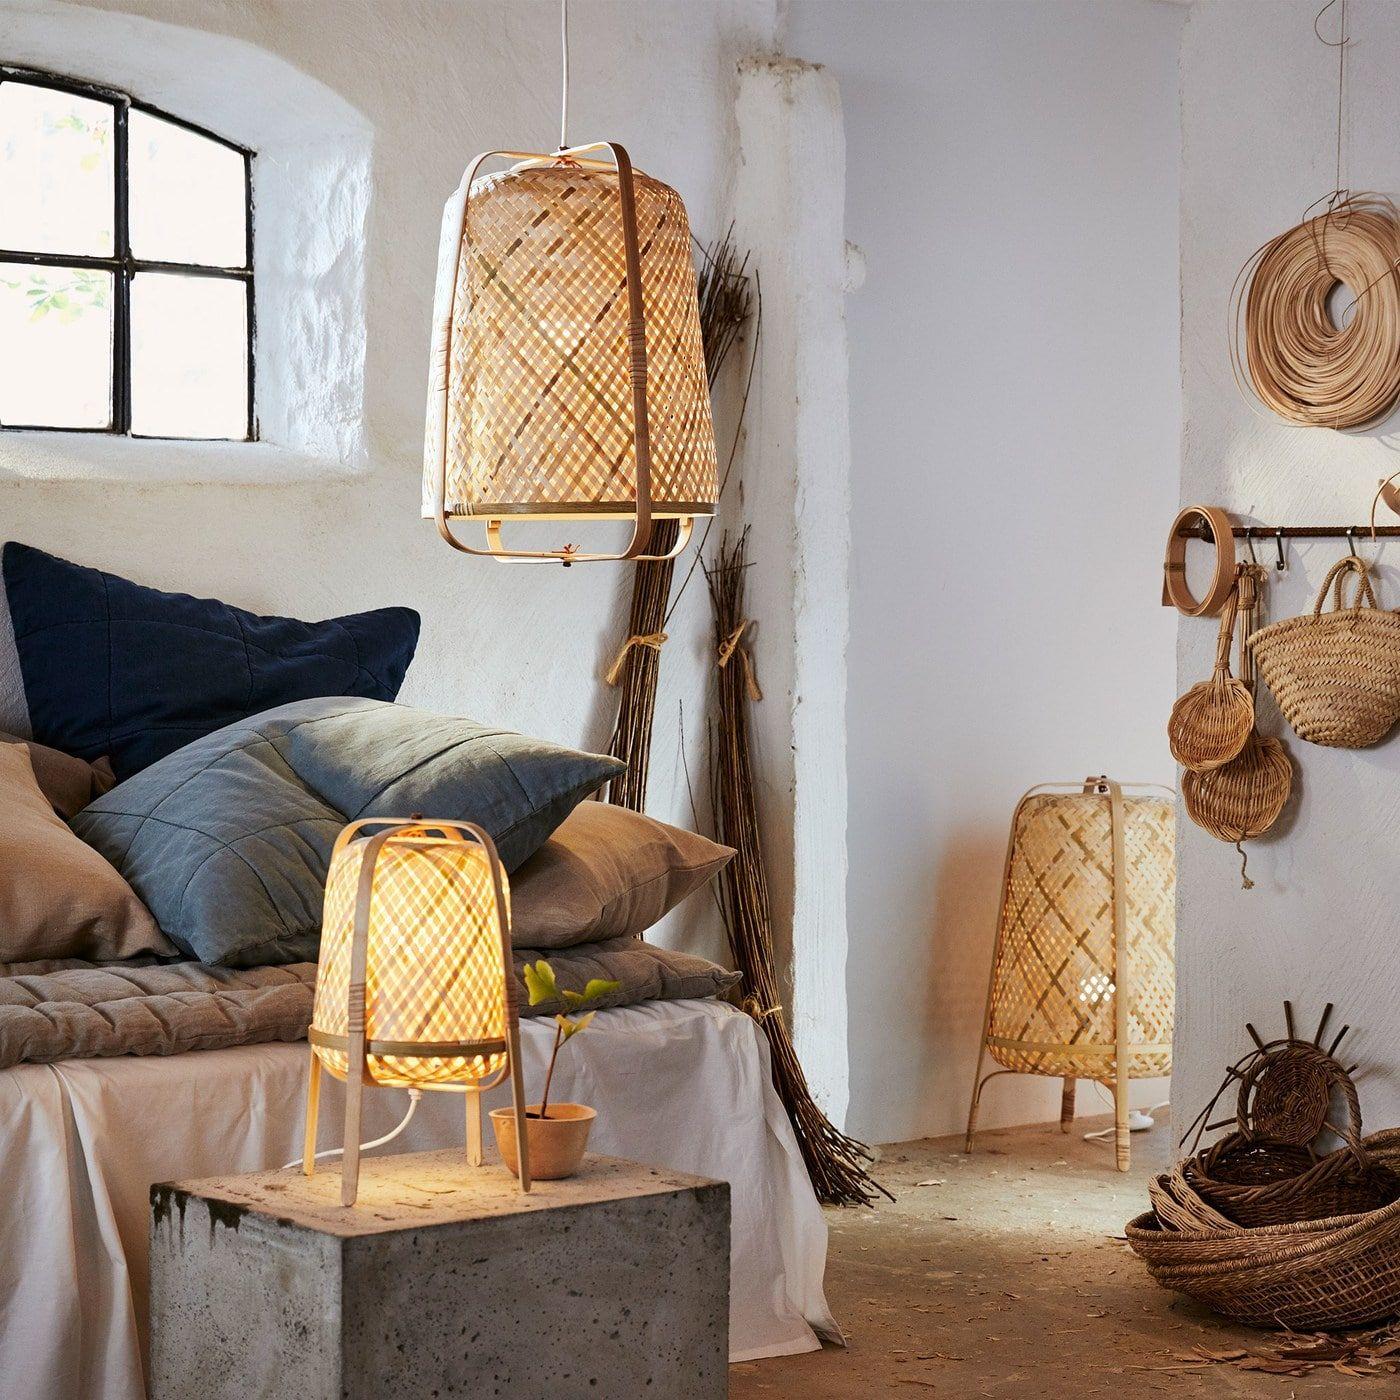 Ilumina tu casa con bambú y personalidad | Lampara de bambu